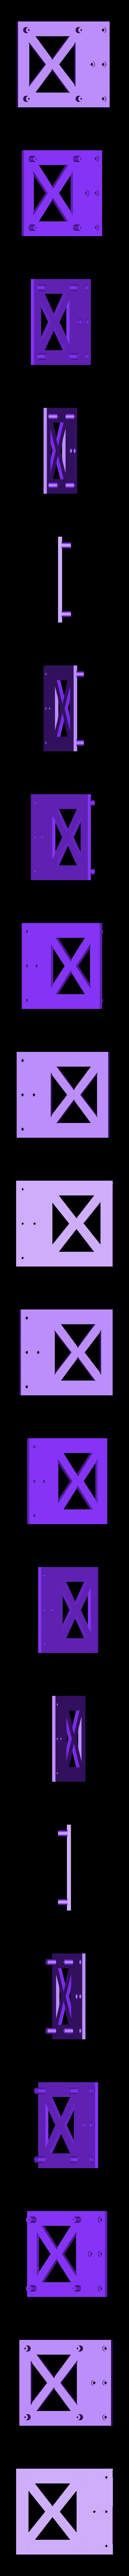 Duet_Wifi_Mount_Plate.stl Télécharger fichier STL gratuit Duo de base Plaque de montage Wifi Plaque de montage V-slot • Plan pour impression 3D, Phaedrux